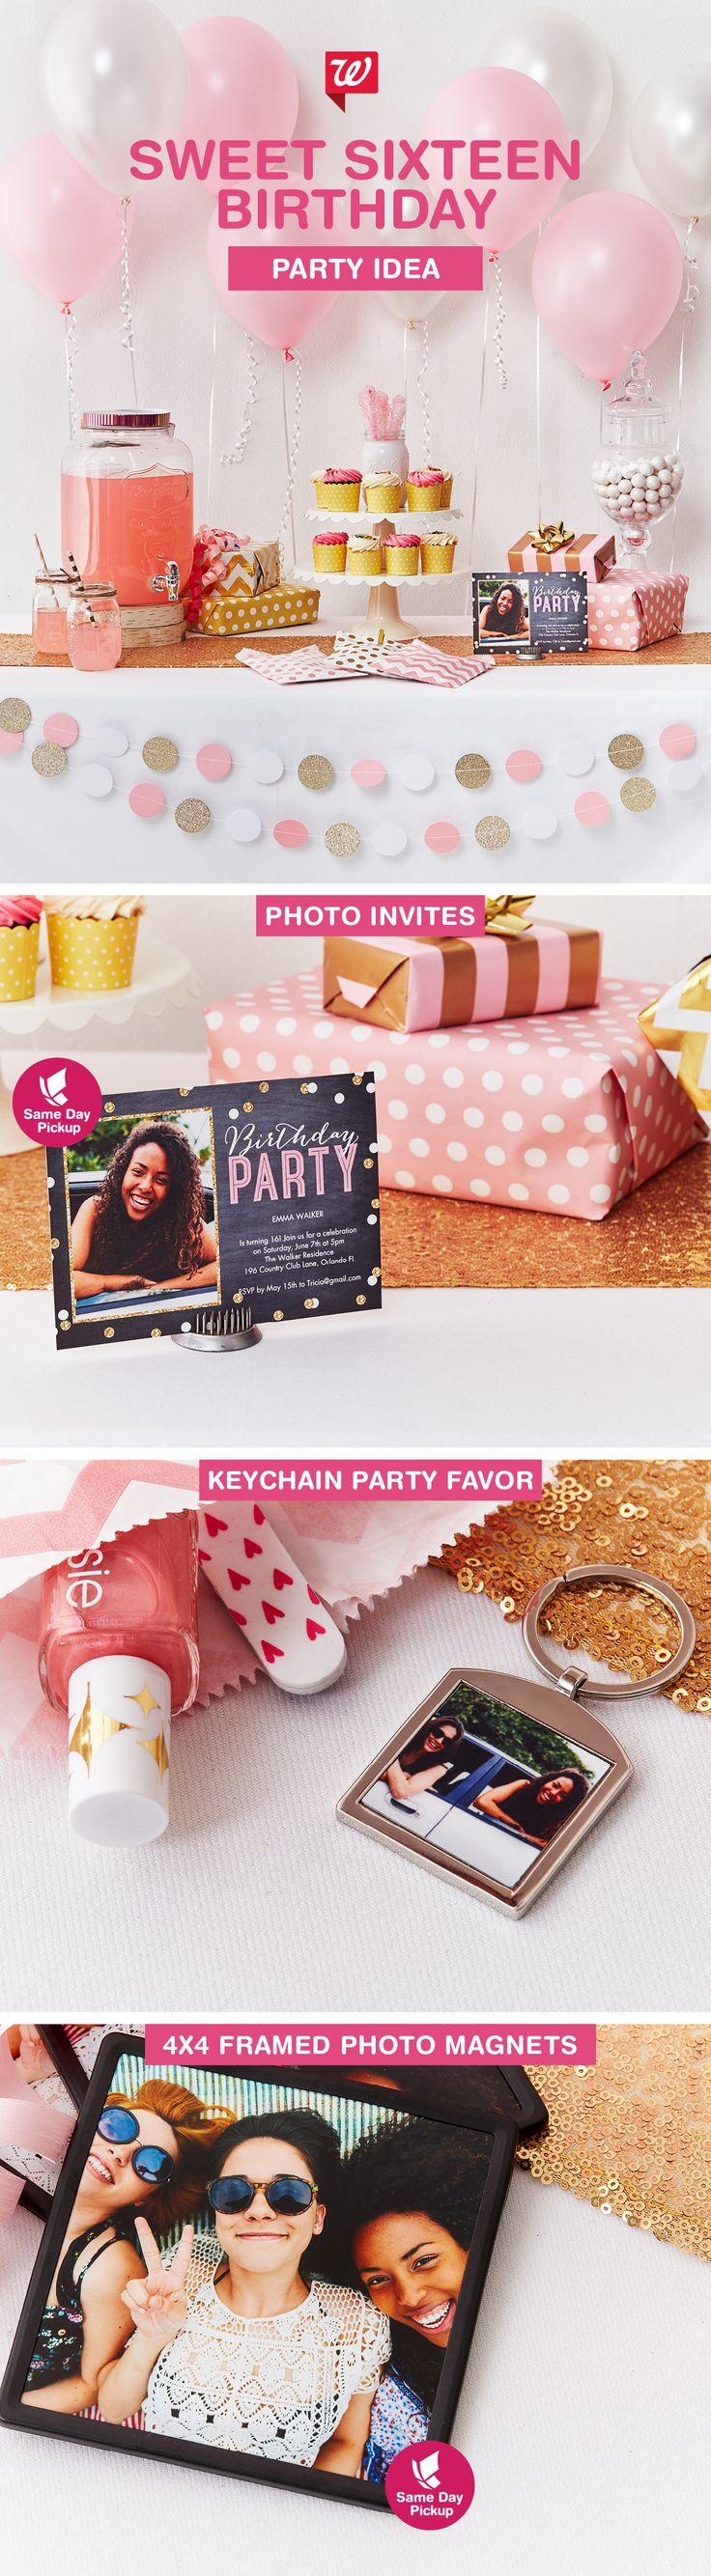 Innenfarben für die halle best  birthday party ideals images on pinterest  ideas para